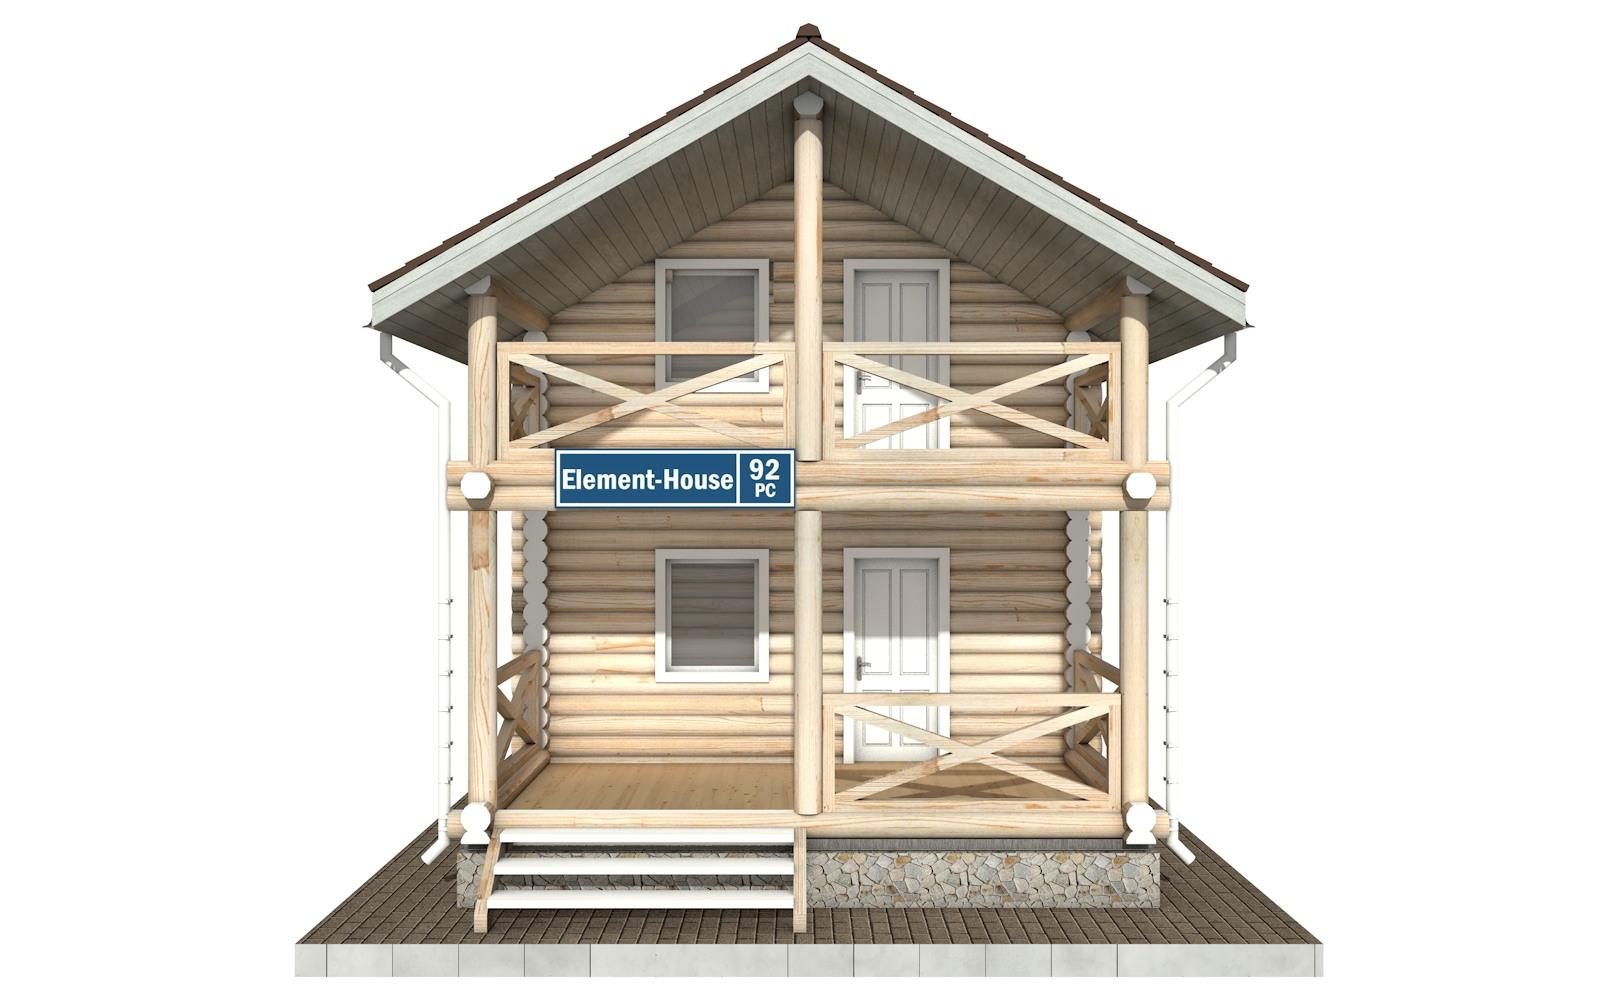 Фото #6: Красивый деревянный дом РС-92 из бревна